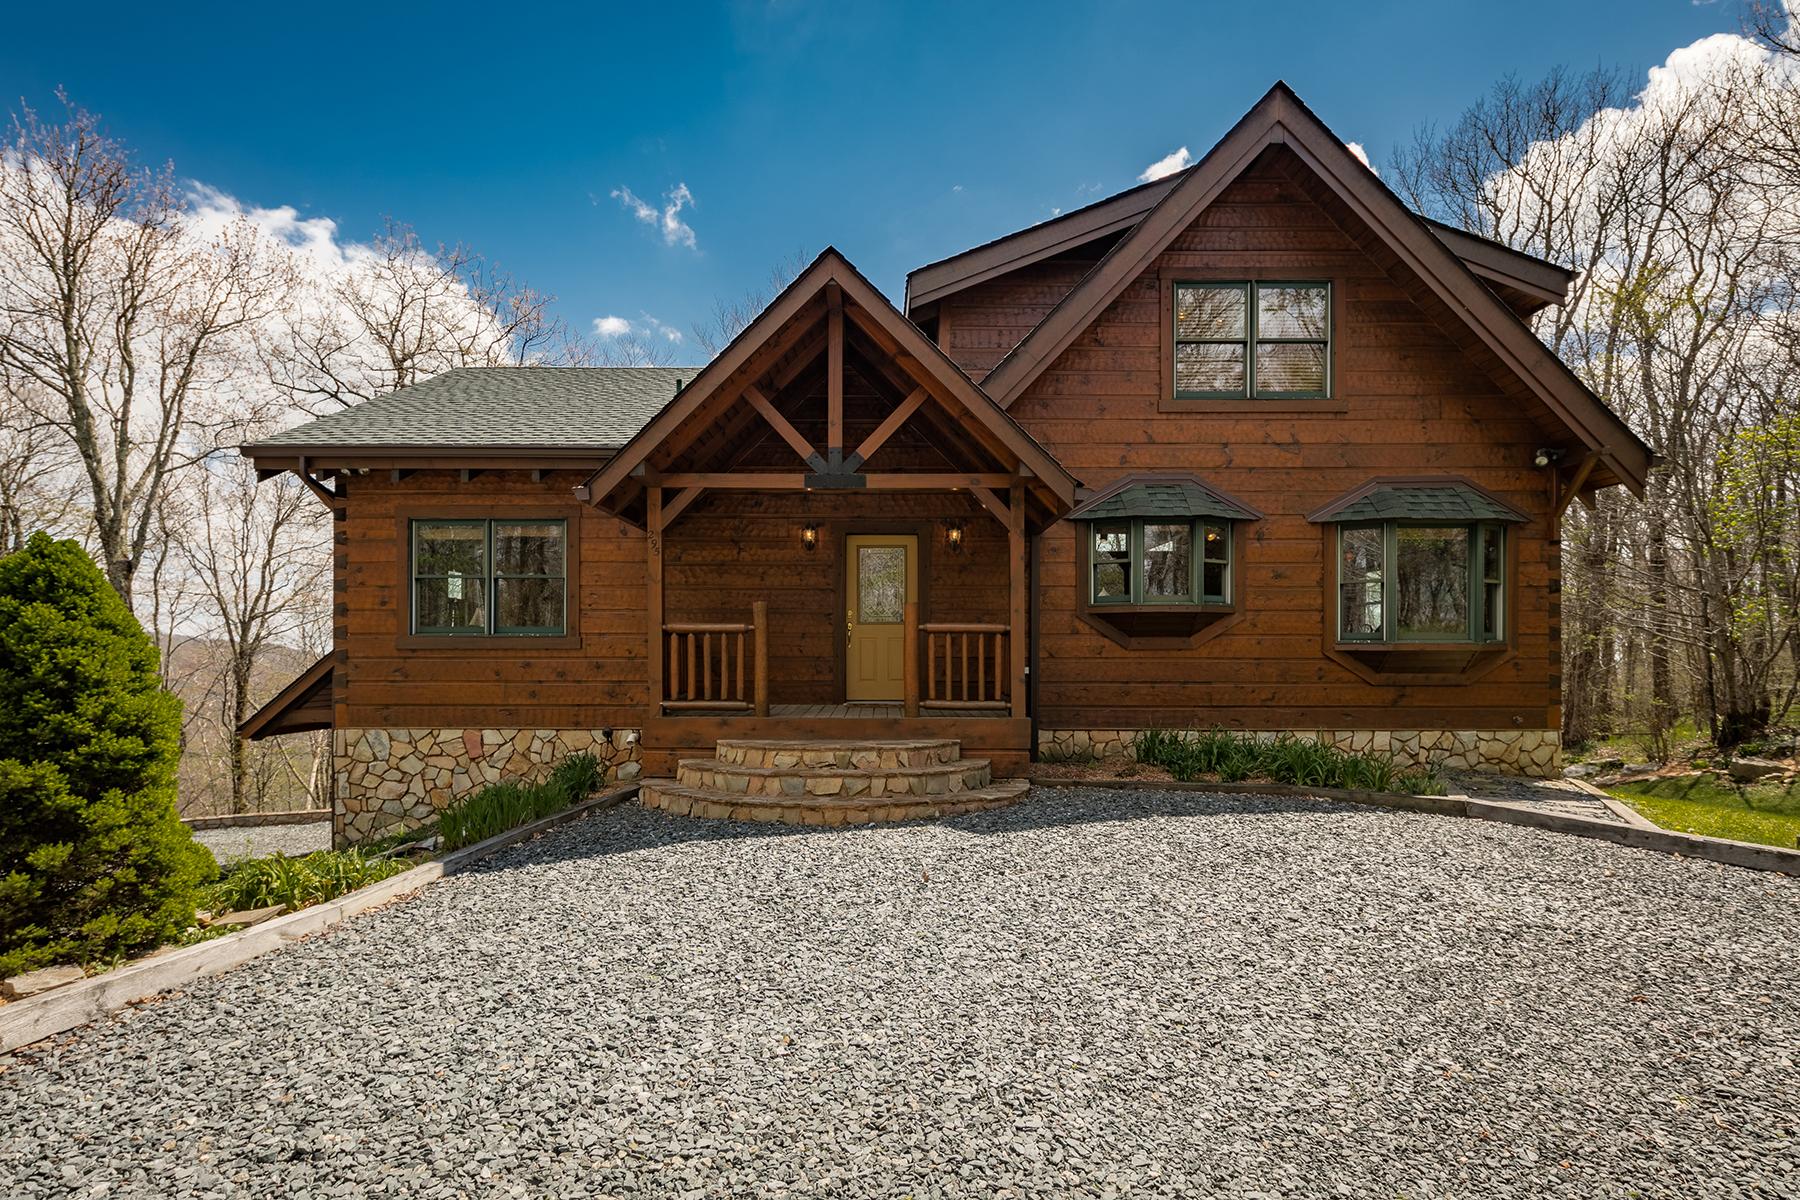 Villa per Vendita alle ore BANNER ELK - MOUNTAIN MEADOWS 295 Summit Trl Banner Elk, Carolina Del Nord, 28604 Stati Uniti